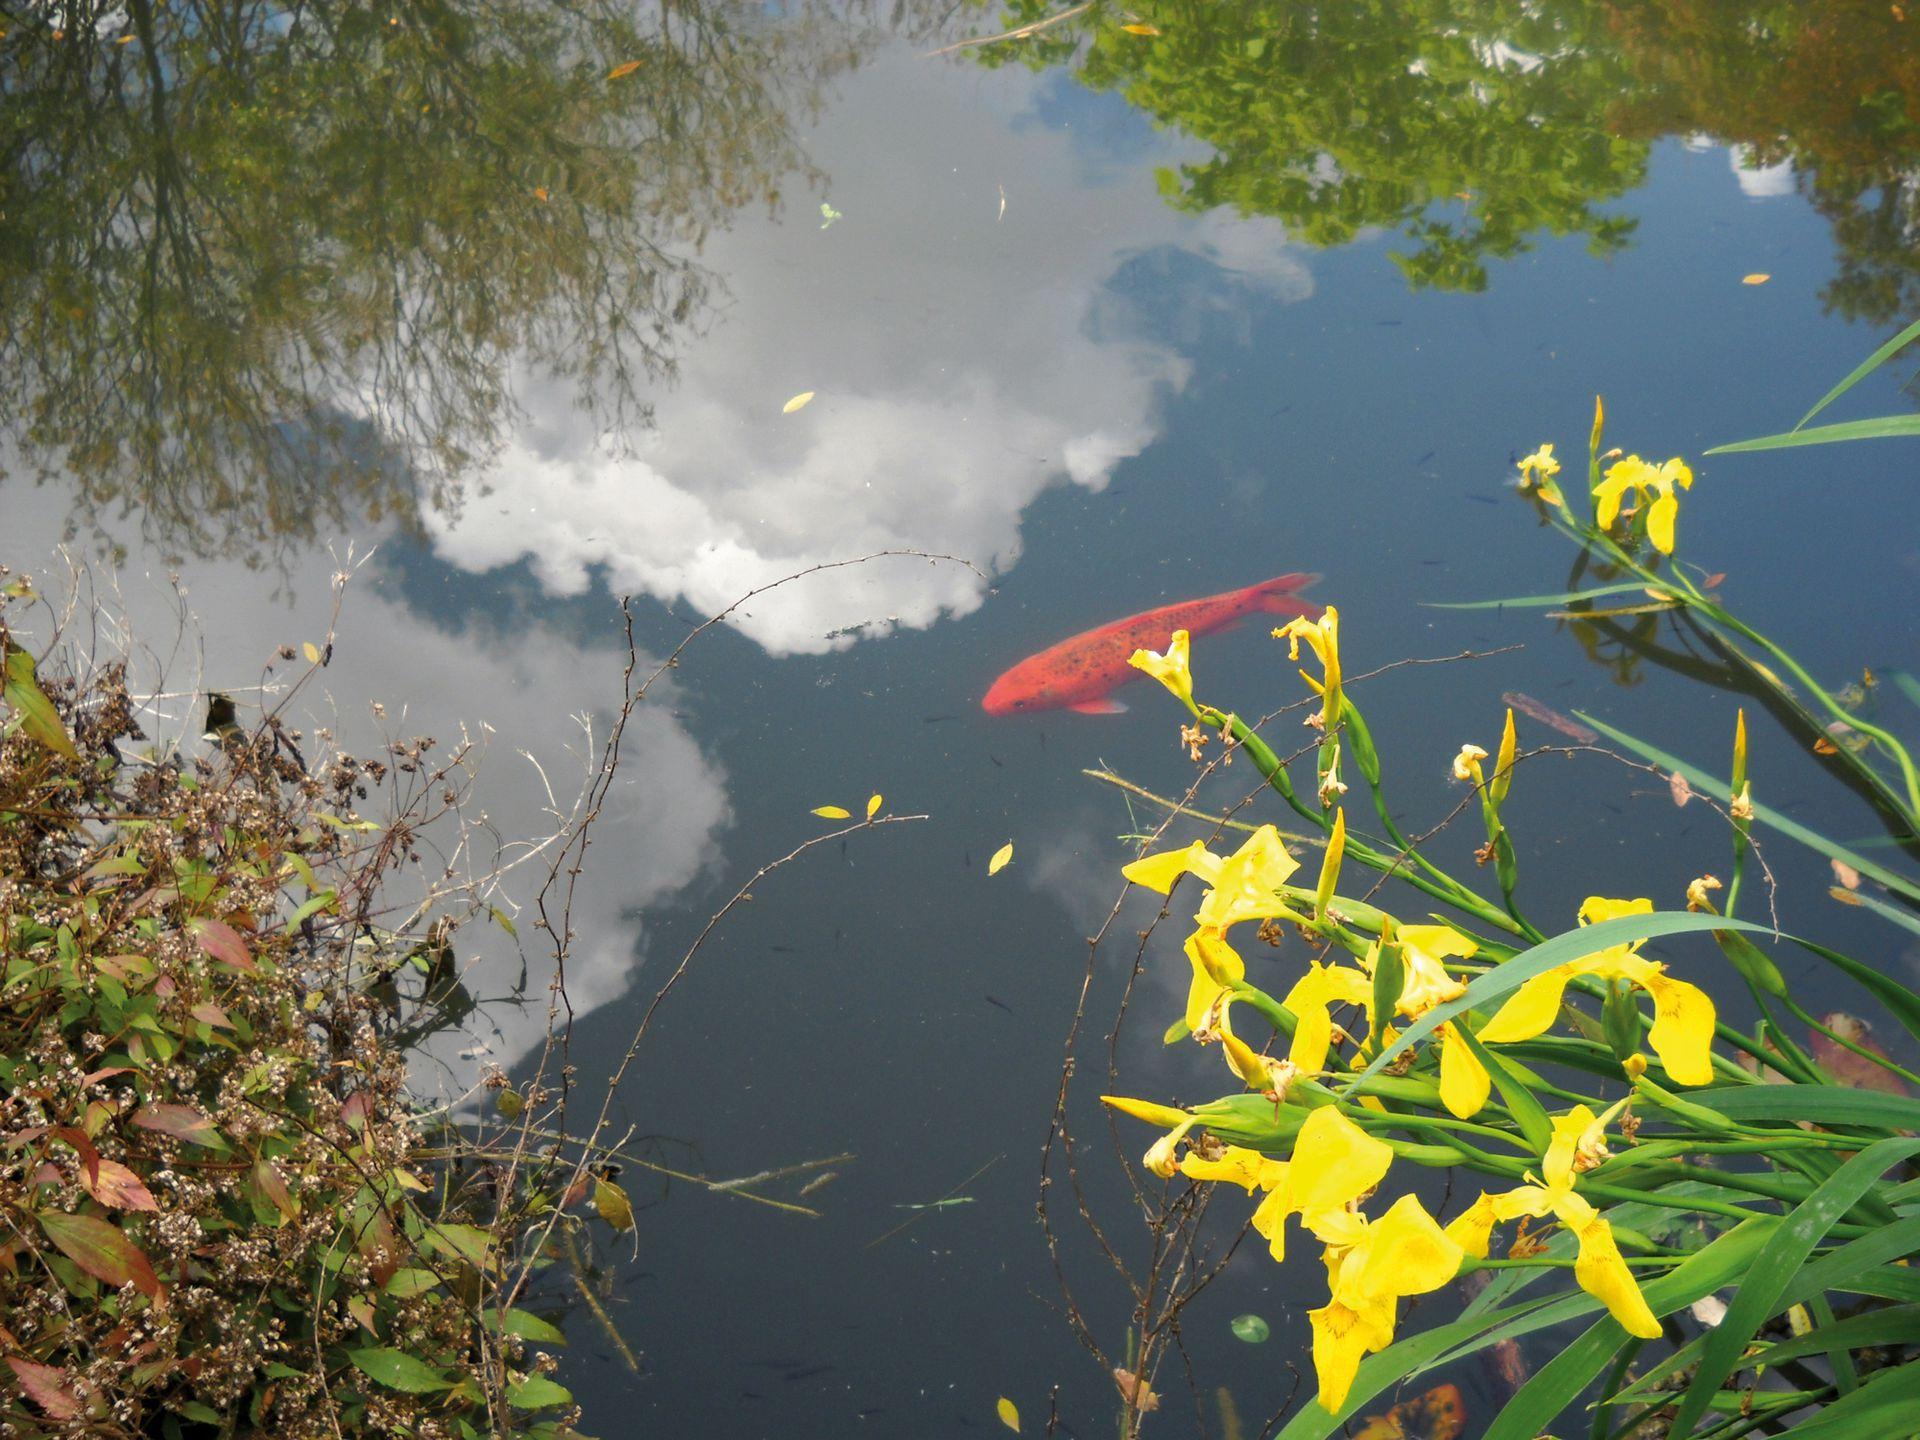 Las carpas, una especie que amenaza el equilibrio natural del estanque